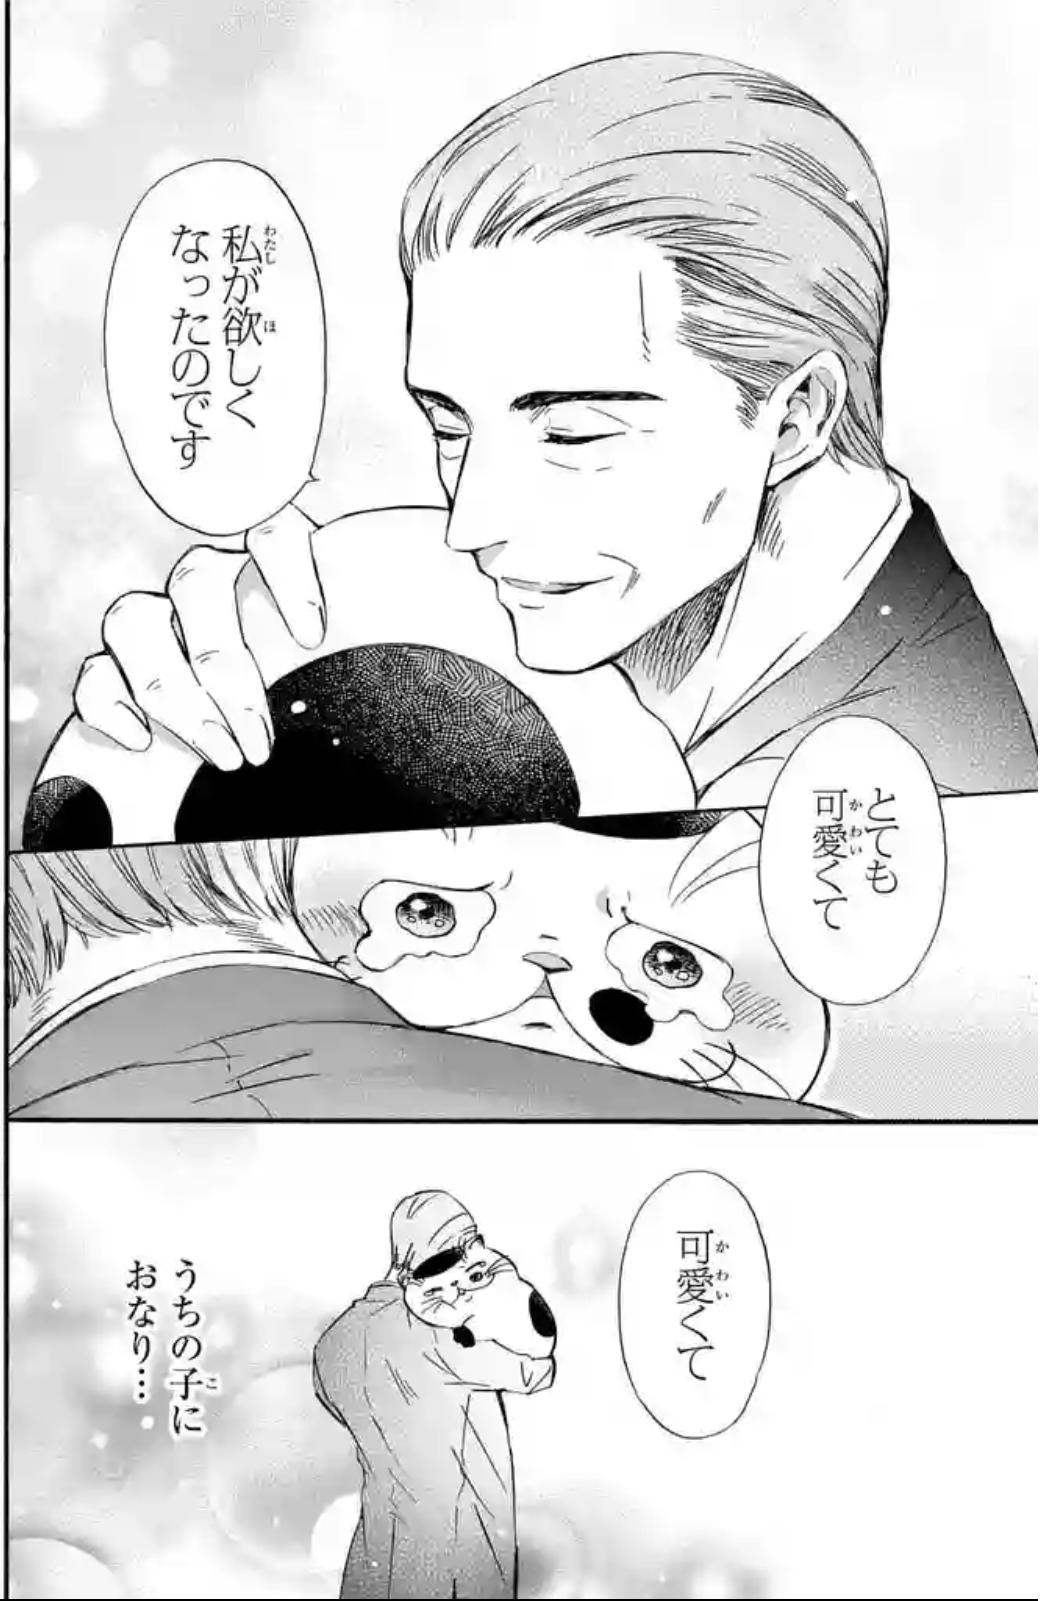 『おじさまと猫』出会いの1話をネタバレ紹介